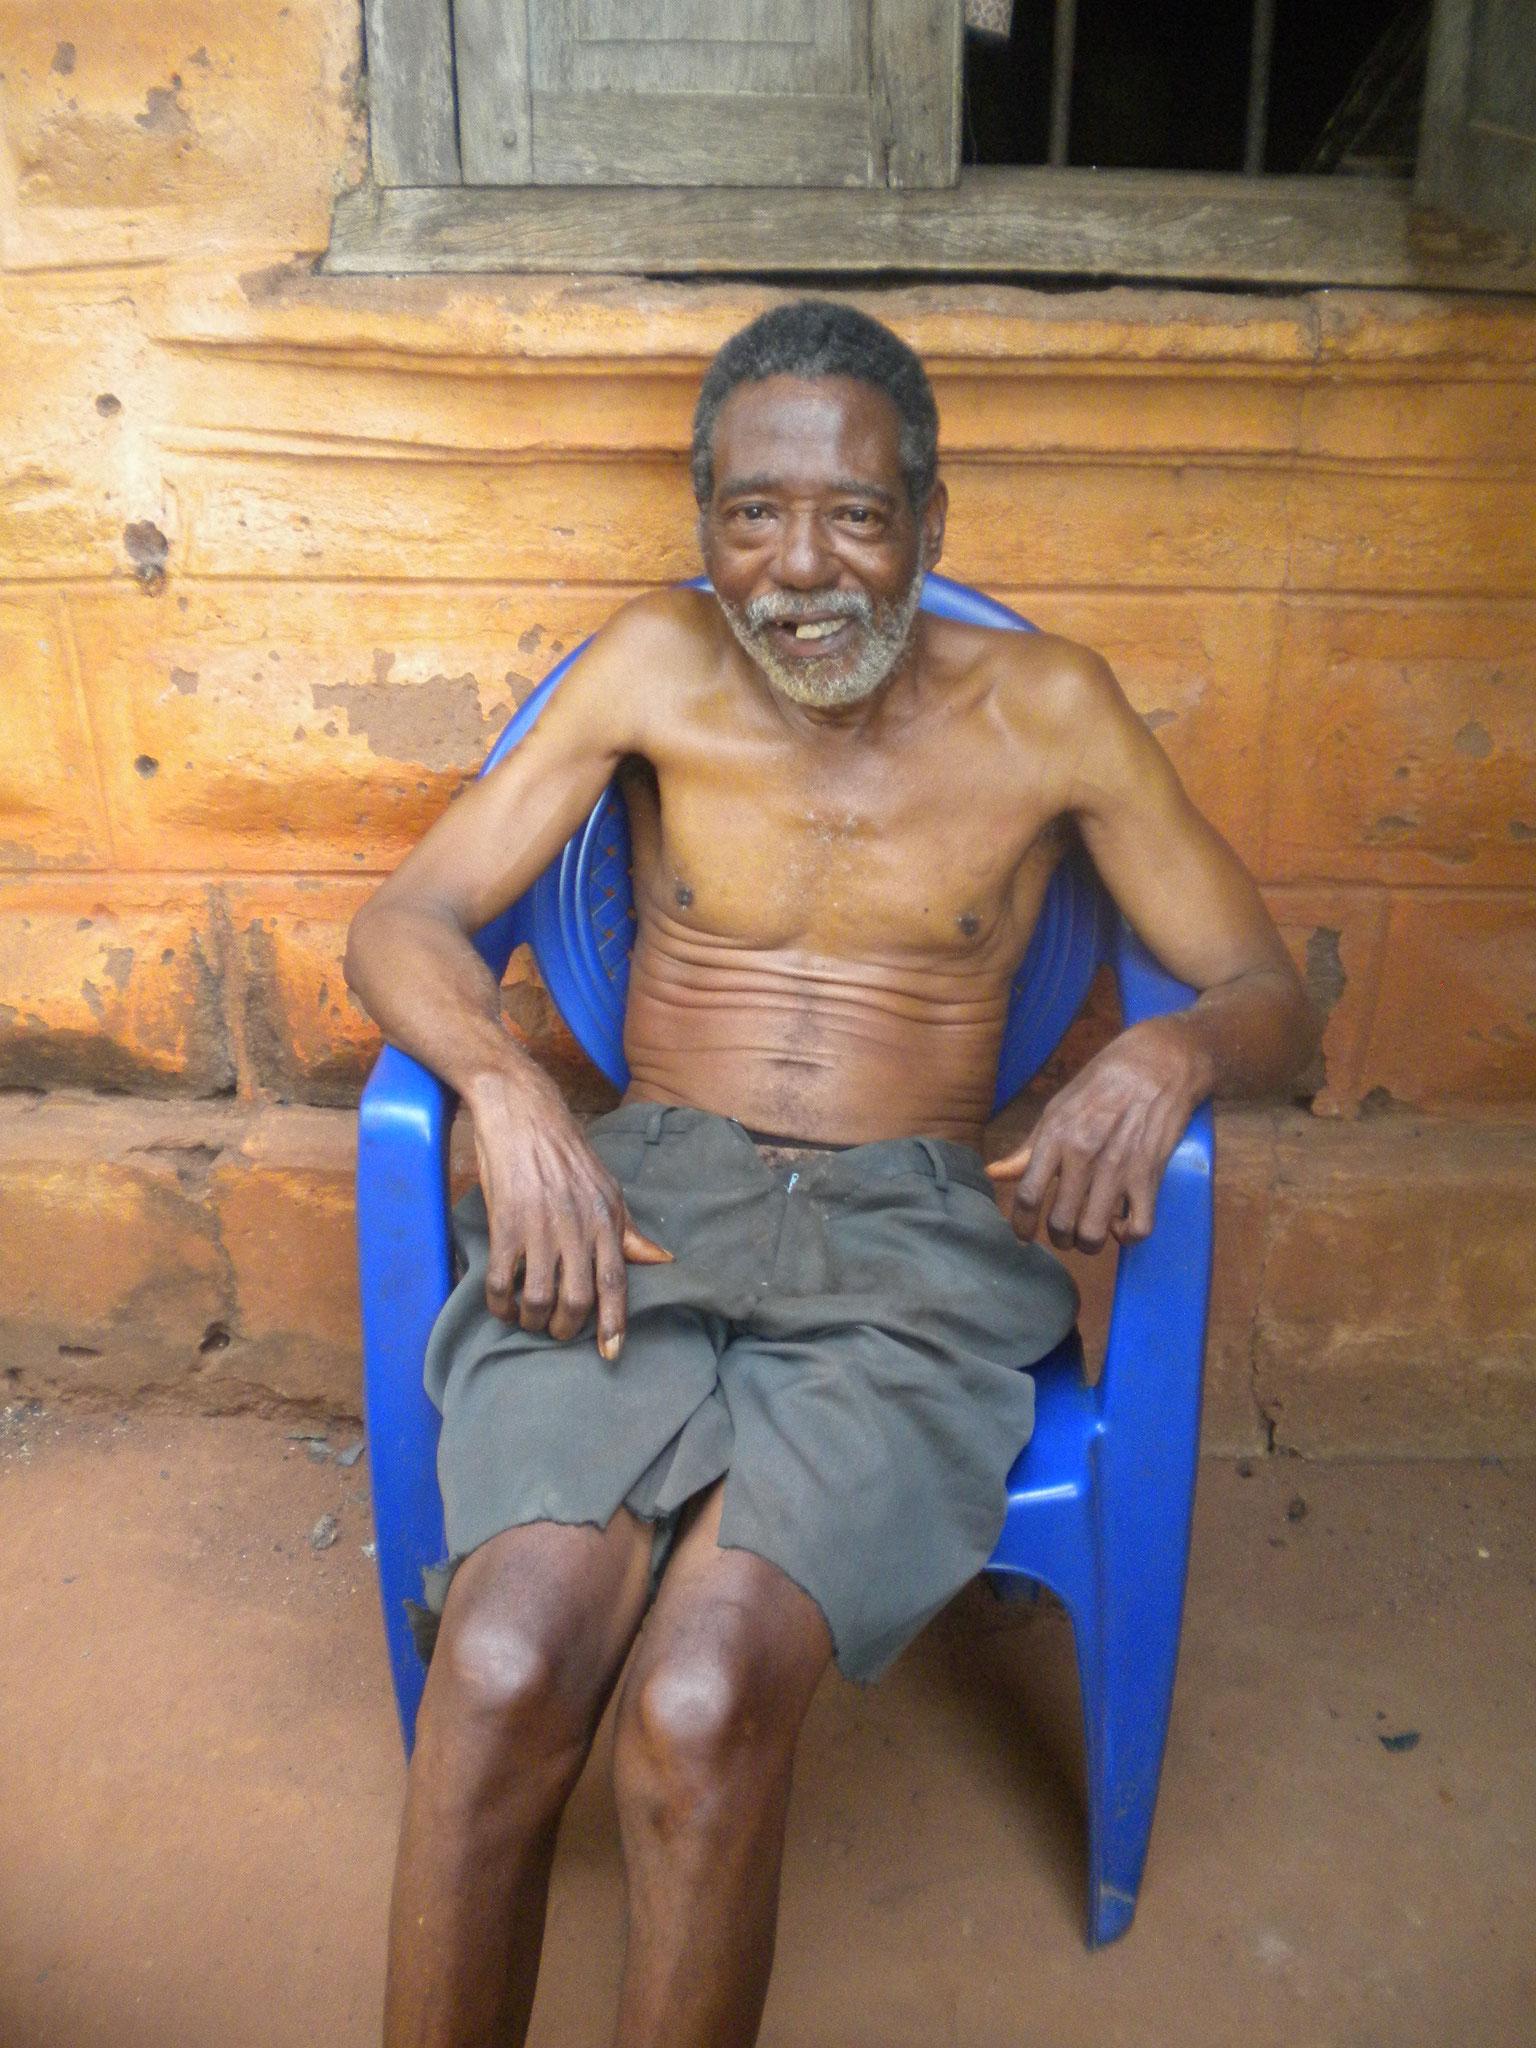 Vater 60jahre alt, kann weder laufen noch sprechen